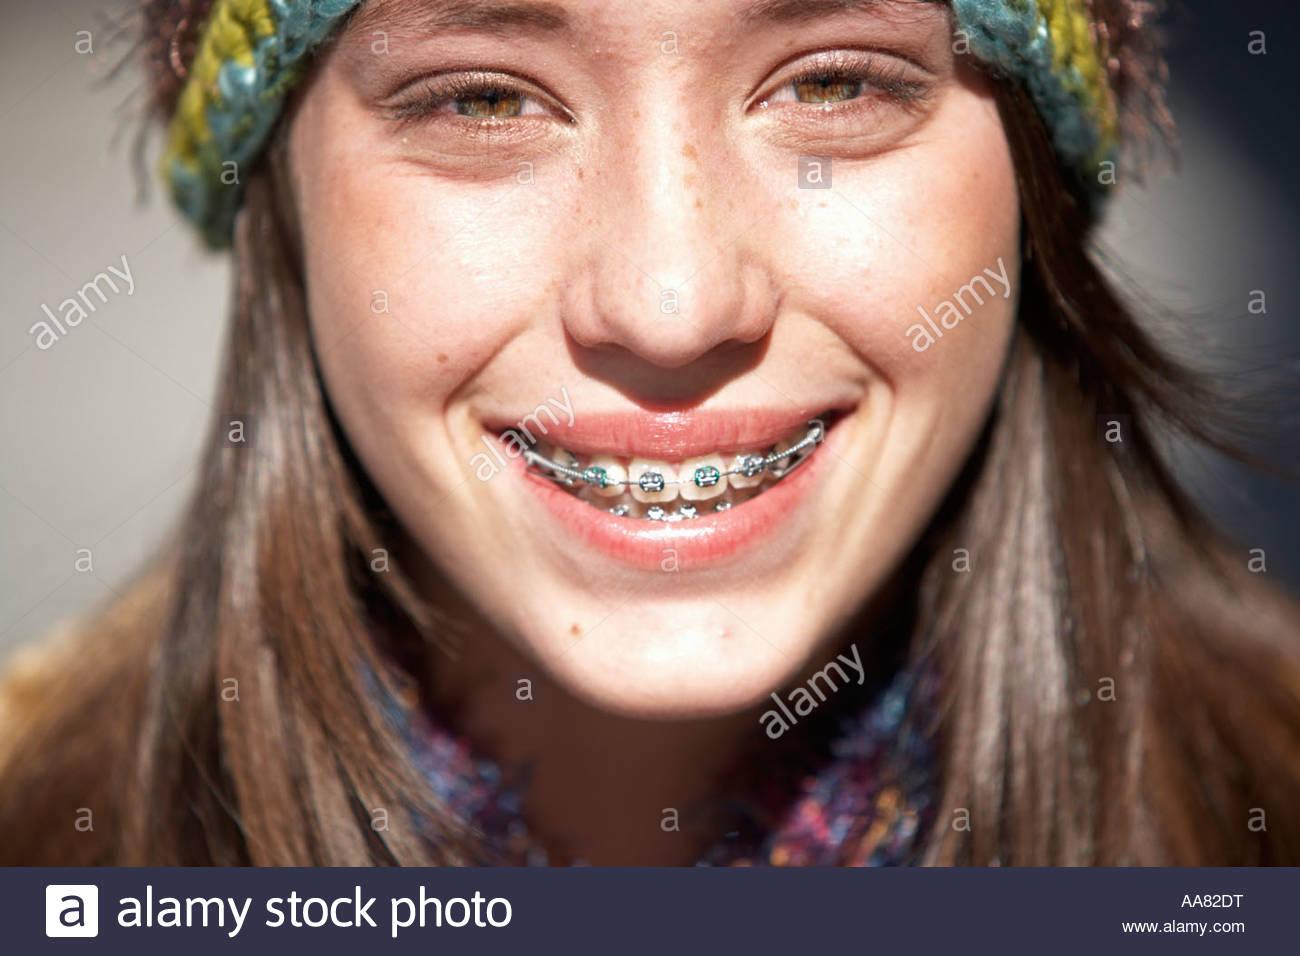 Lächelnde Teenager-Mädchen Mit Zahnspange Stockfoto, Bild